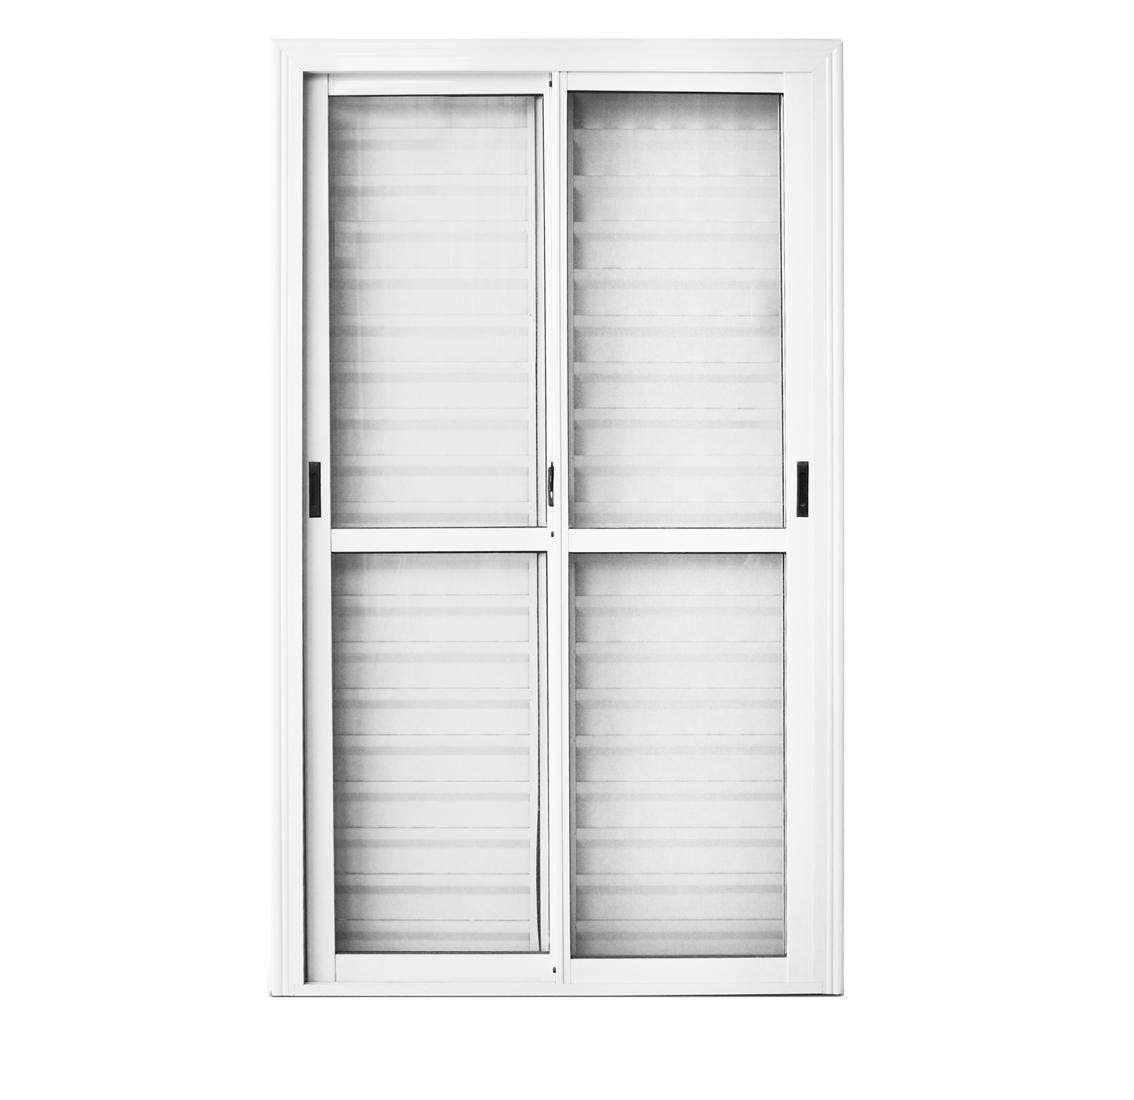 Inmecar Puerta balcon aluminio medidas